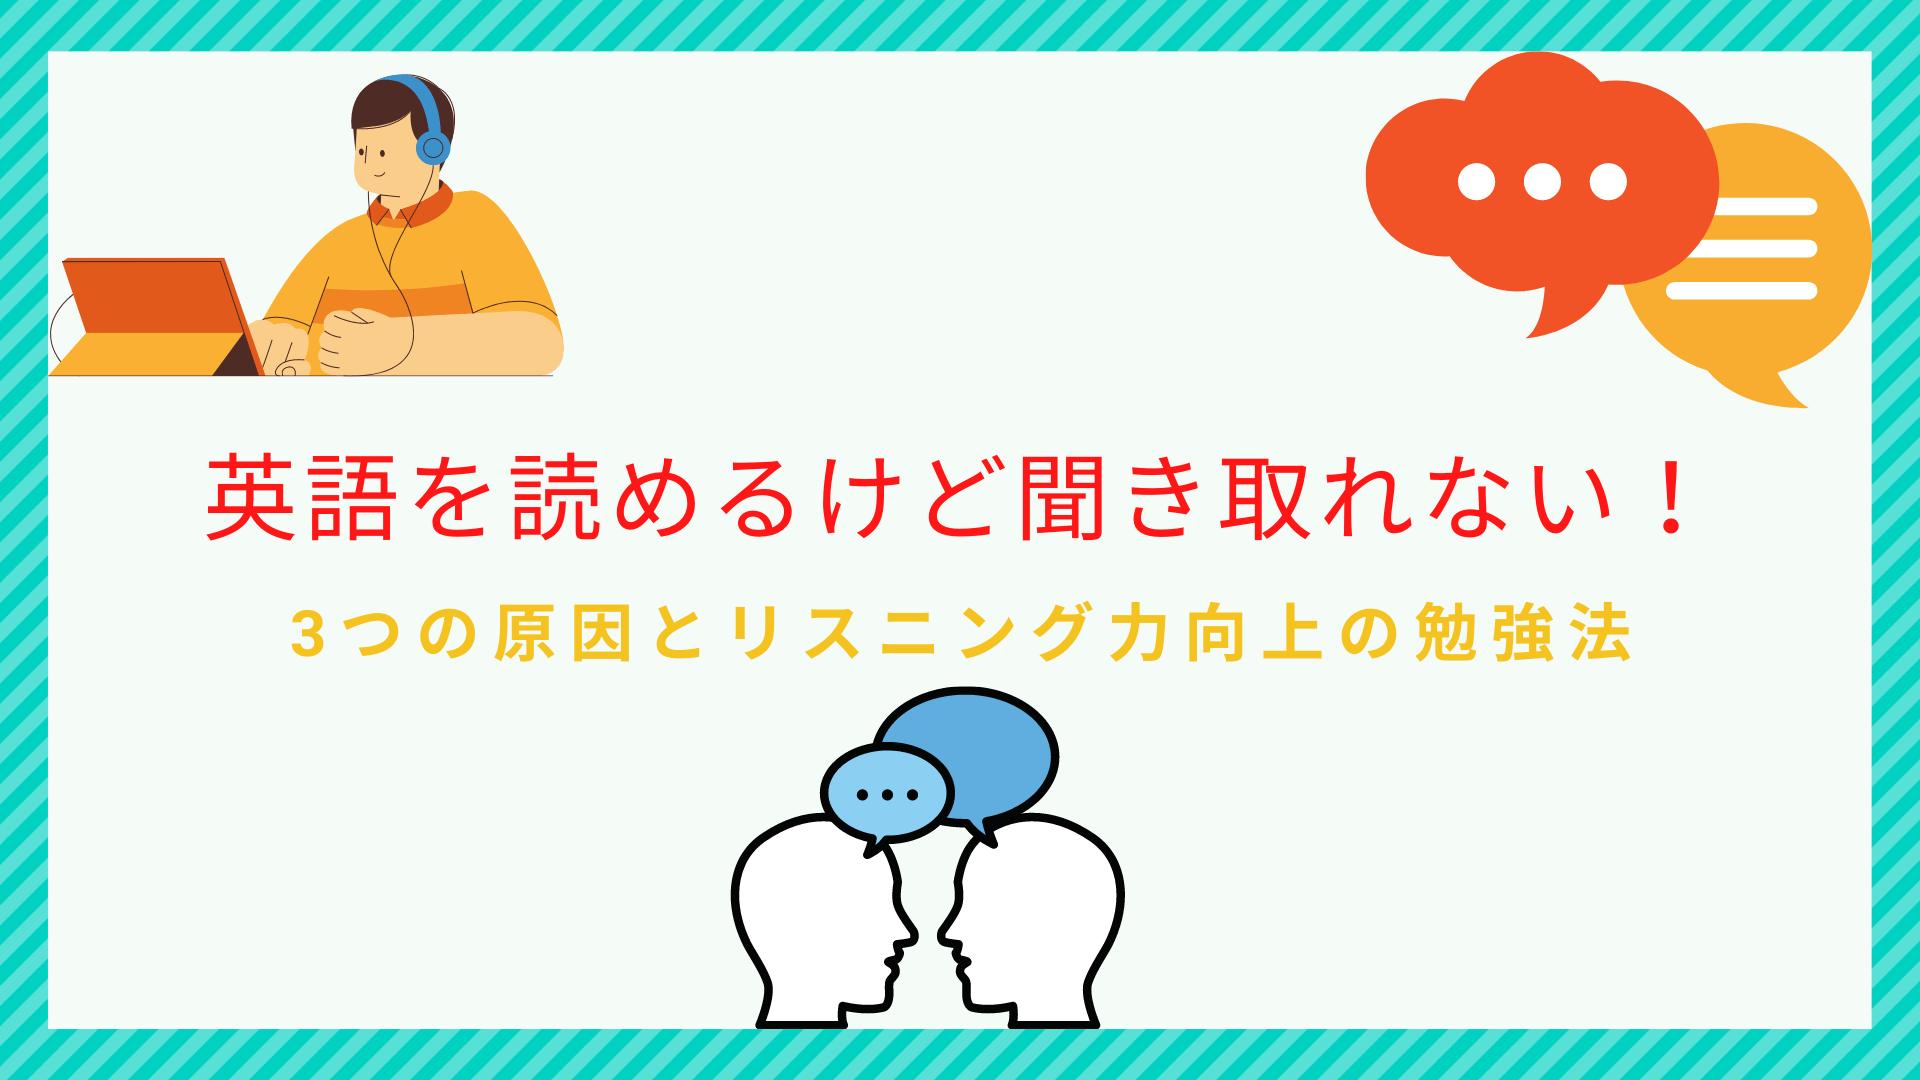 英語を読めるけど聞き取れない!3つの原因とリスニング力向上の勉強法を紹介